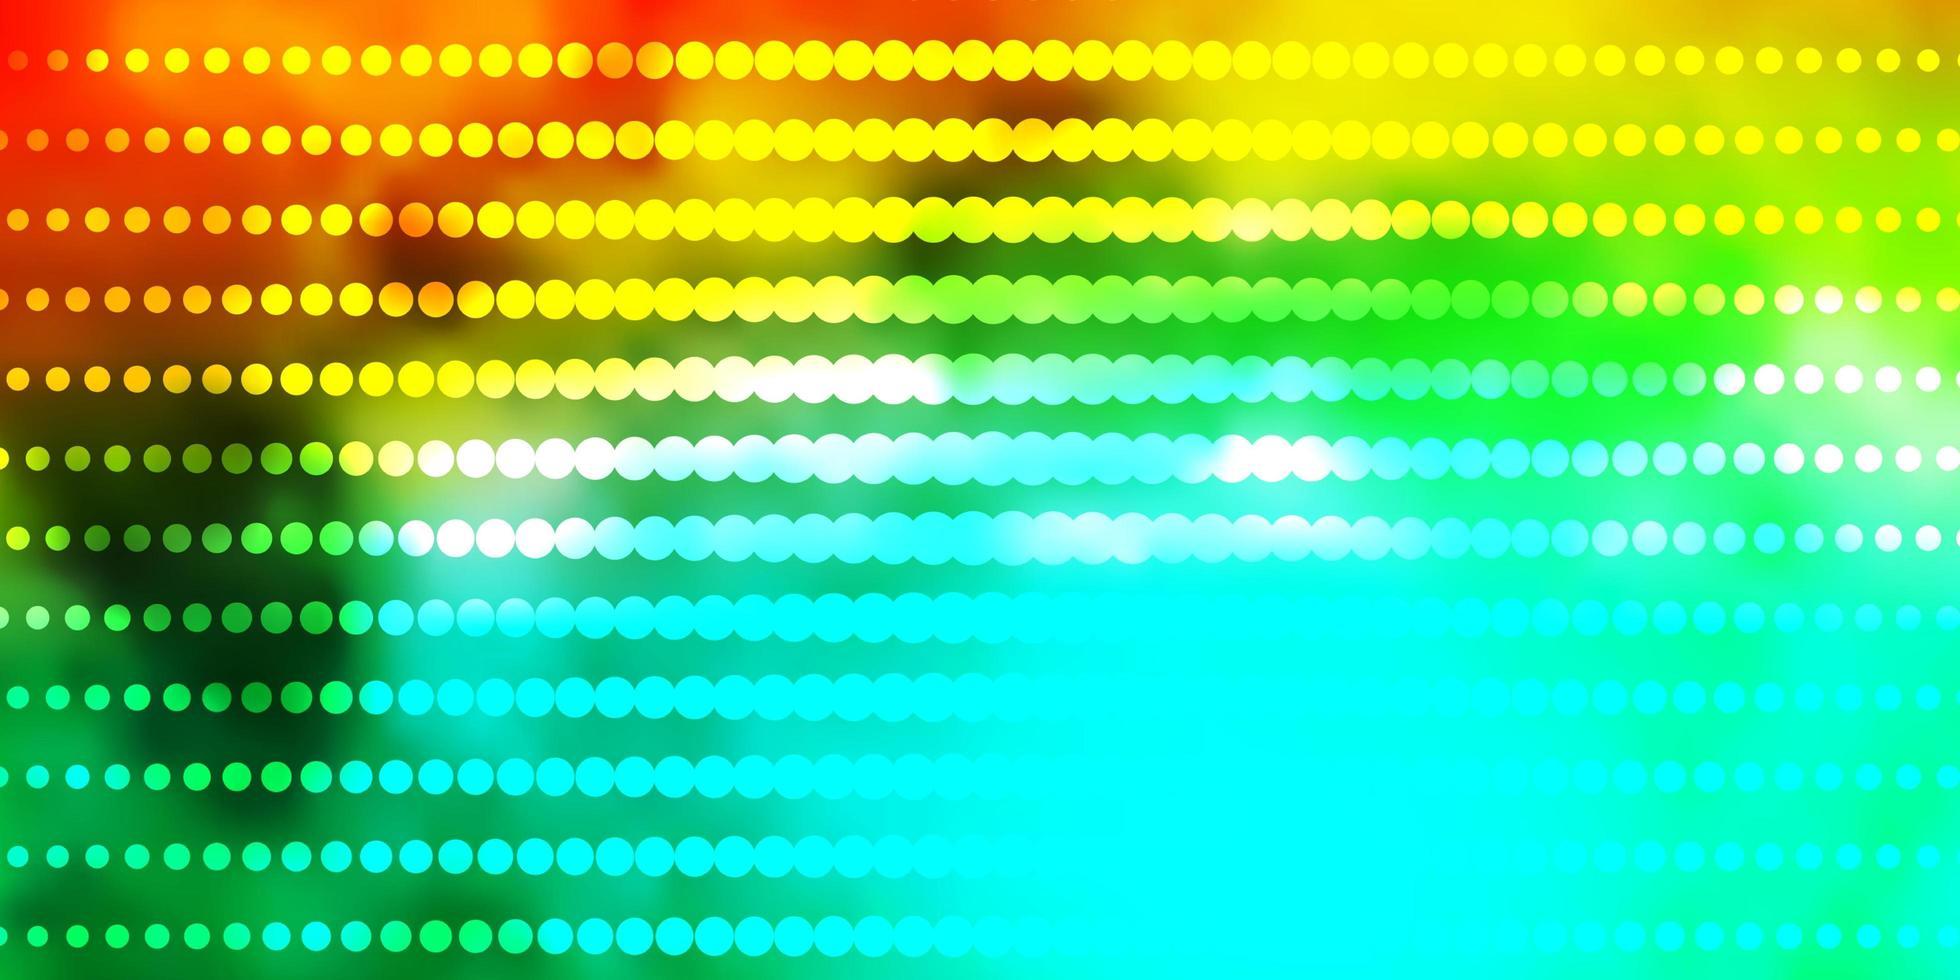 diseño de vector verde claro, amarillo con círculos.